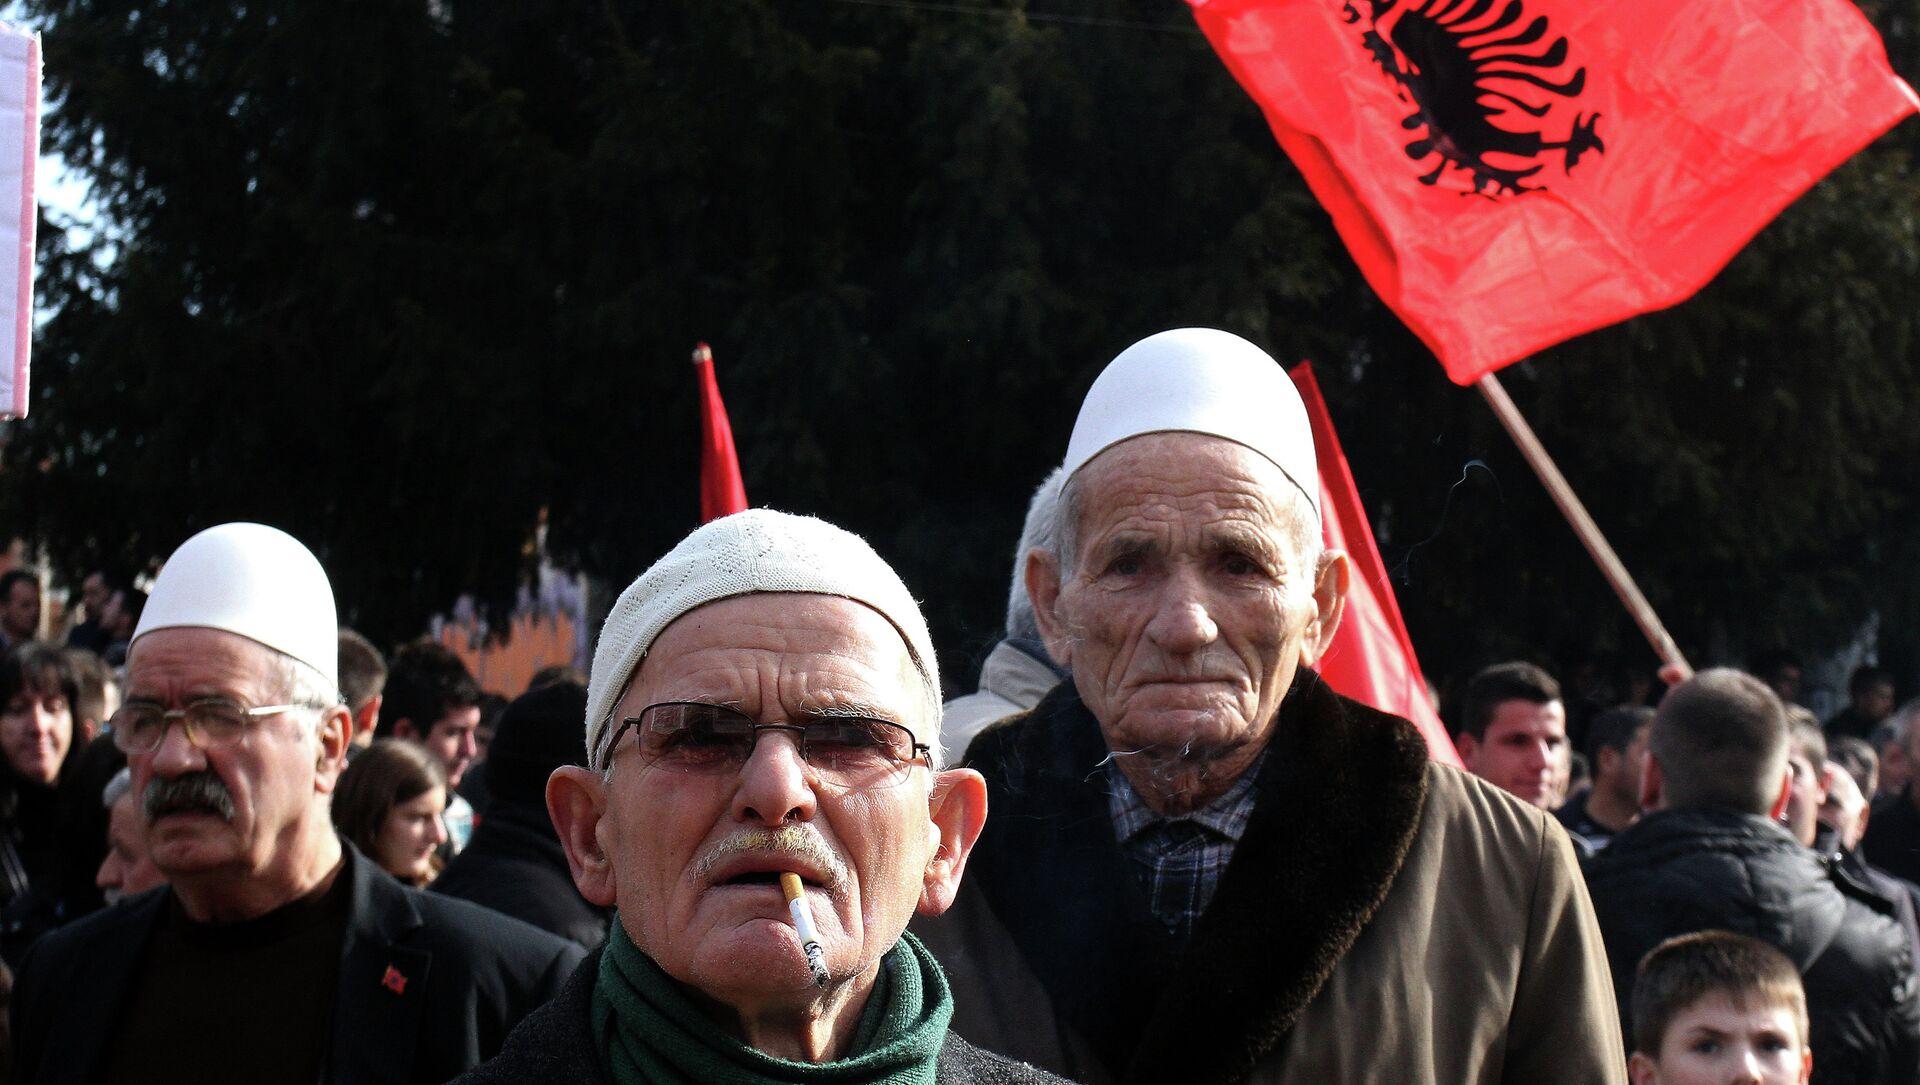 Албанци на протесту у Бујановцу - Sputnik Србија, 1920, 25.05.2021